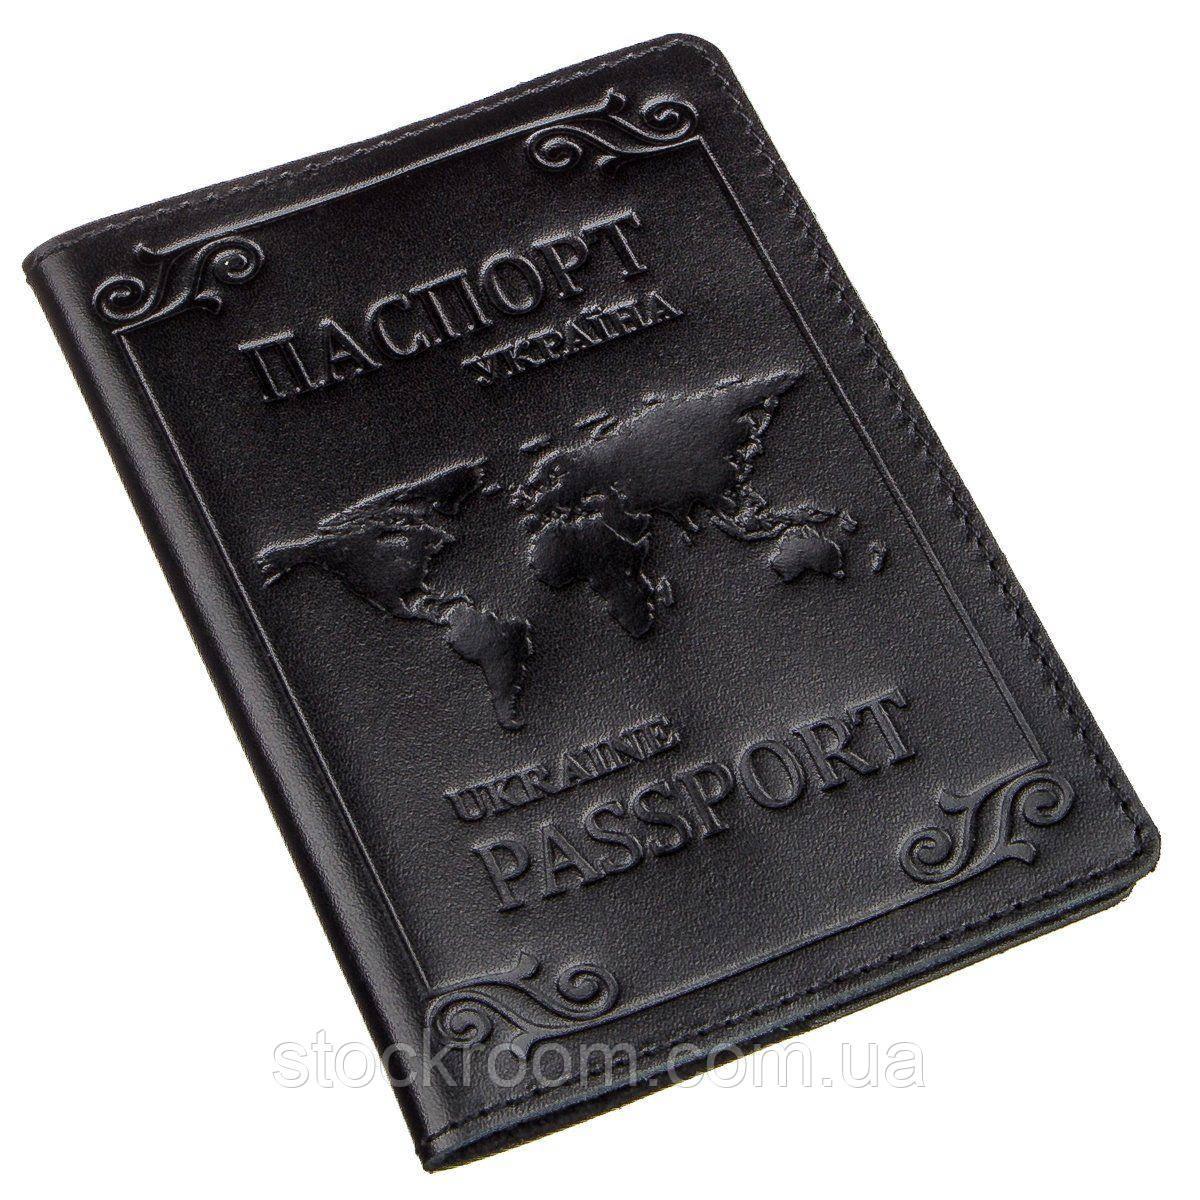 Шкіряна обкладинка на паспорт з картою і рамкою SHVIGEL 13982 Чорна